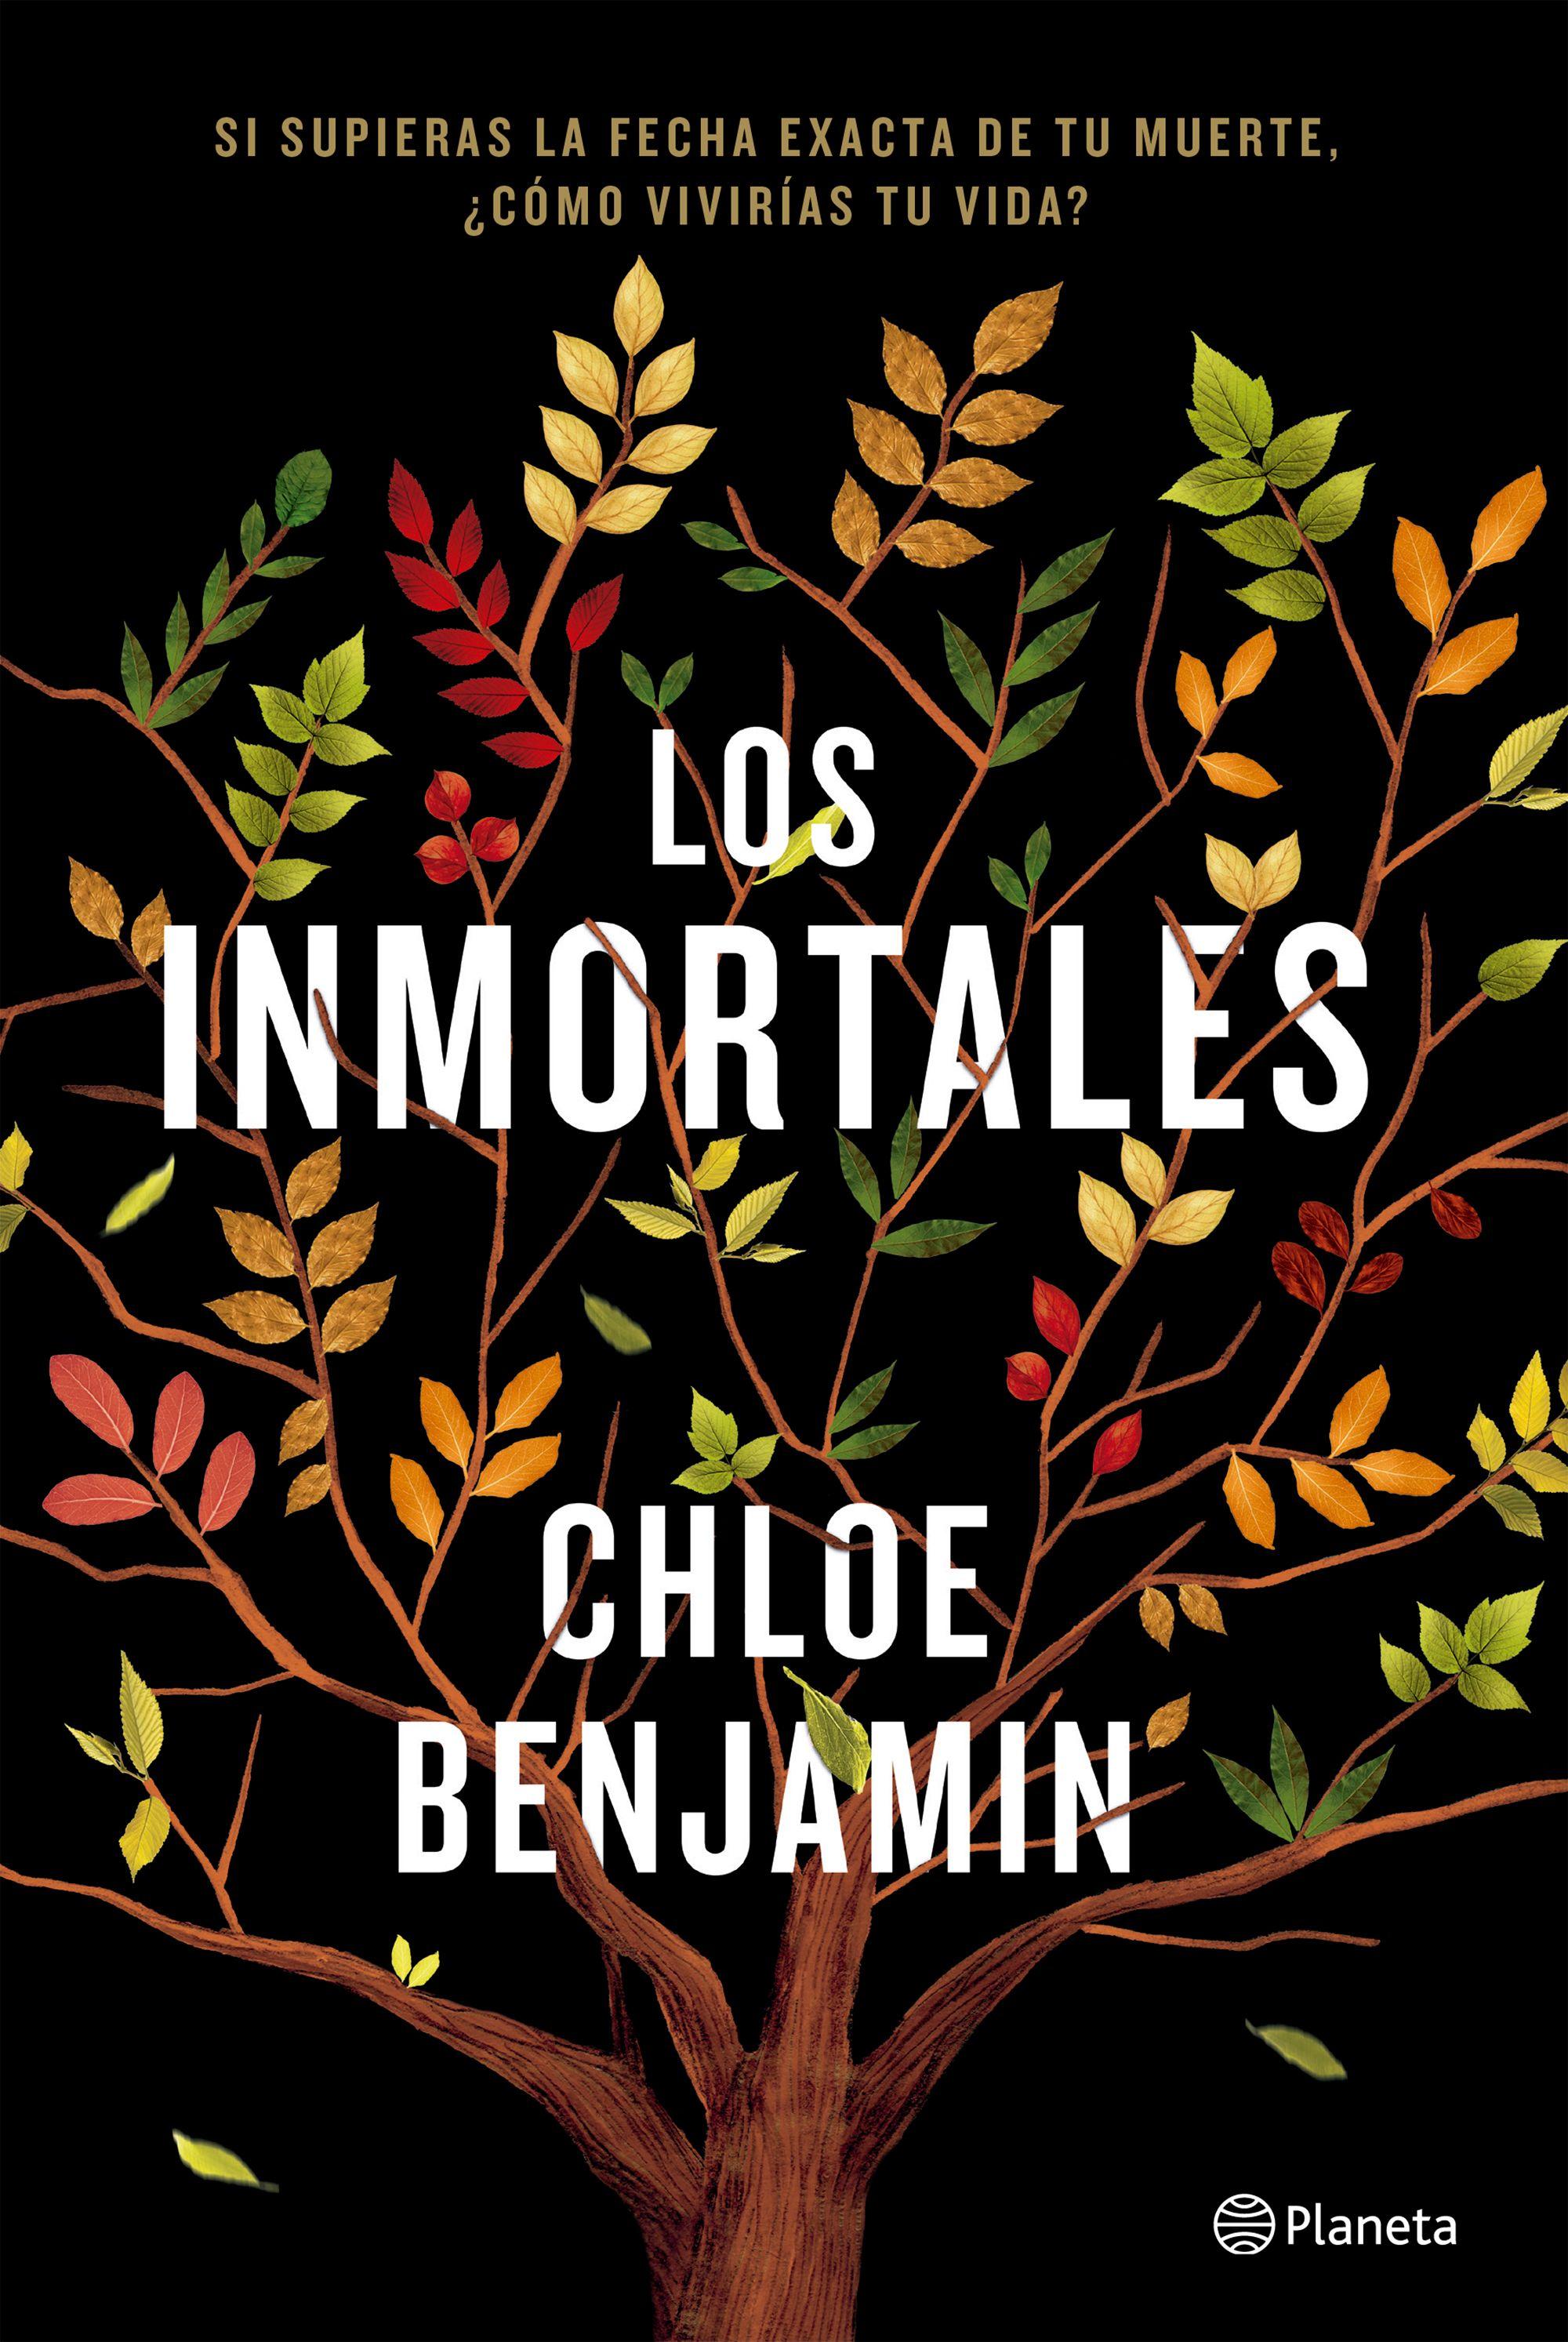 Los Inmortales - Chloe Benjamin - Planeta